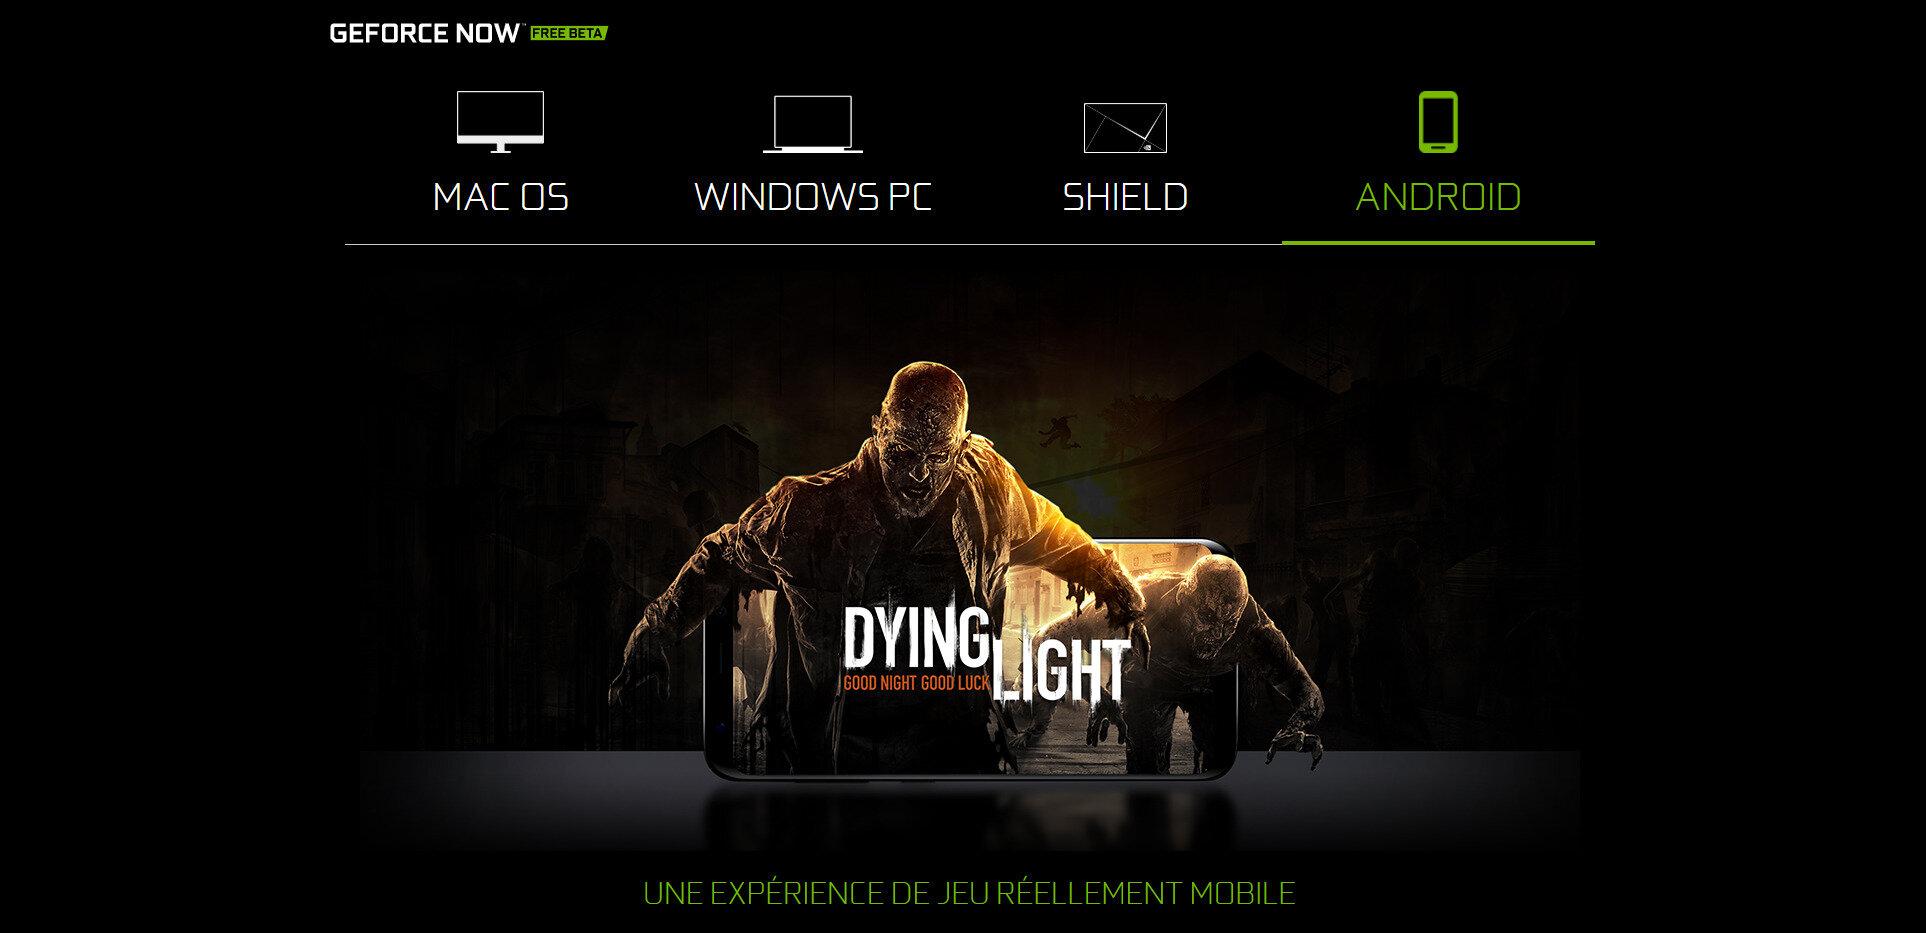 GeForce Now disponible sur Android, bientôt un lancement commercial ?